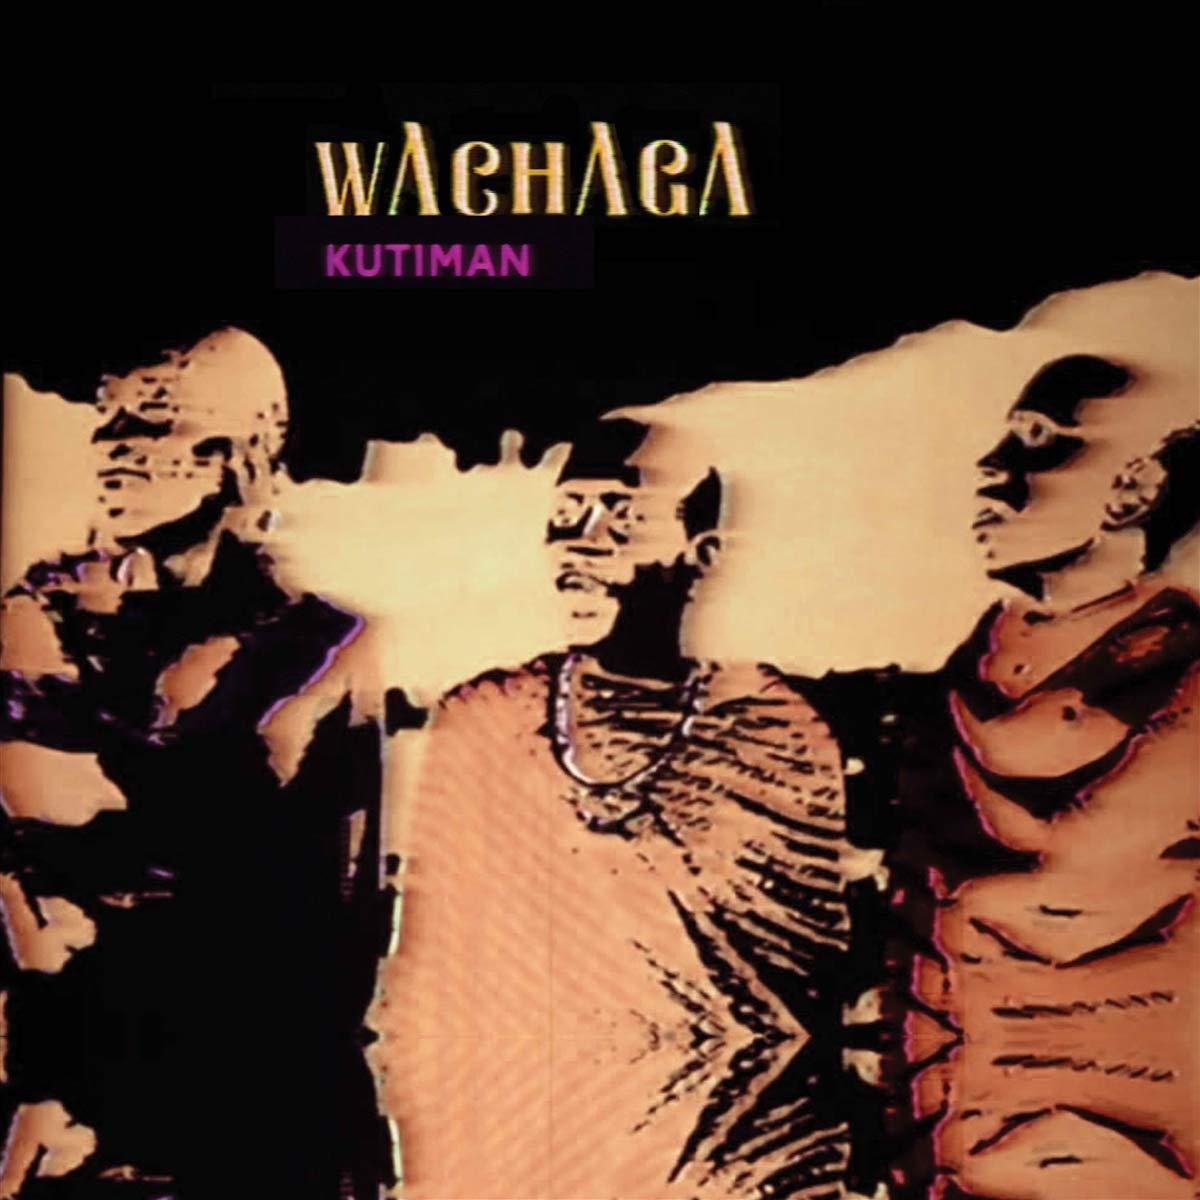 Kutiman: Wachaga